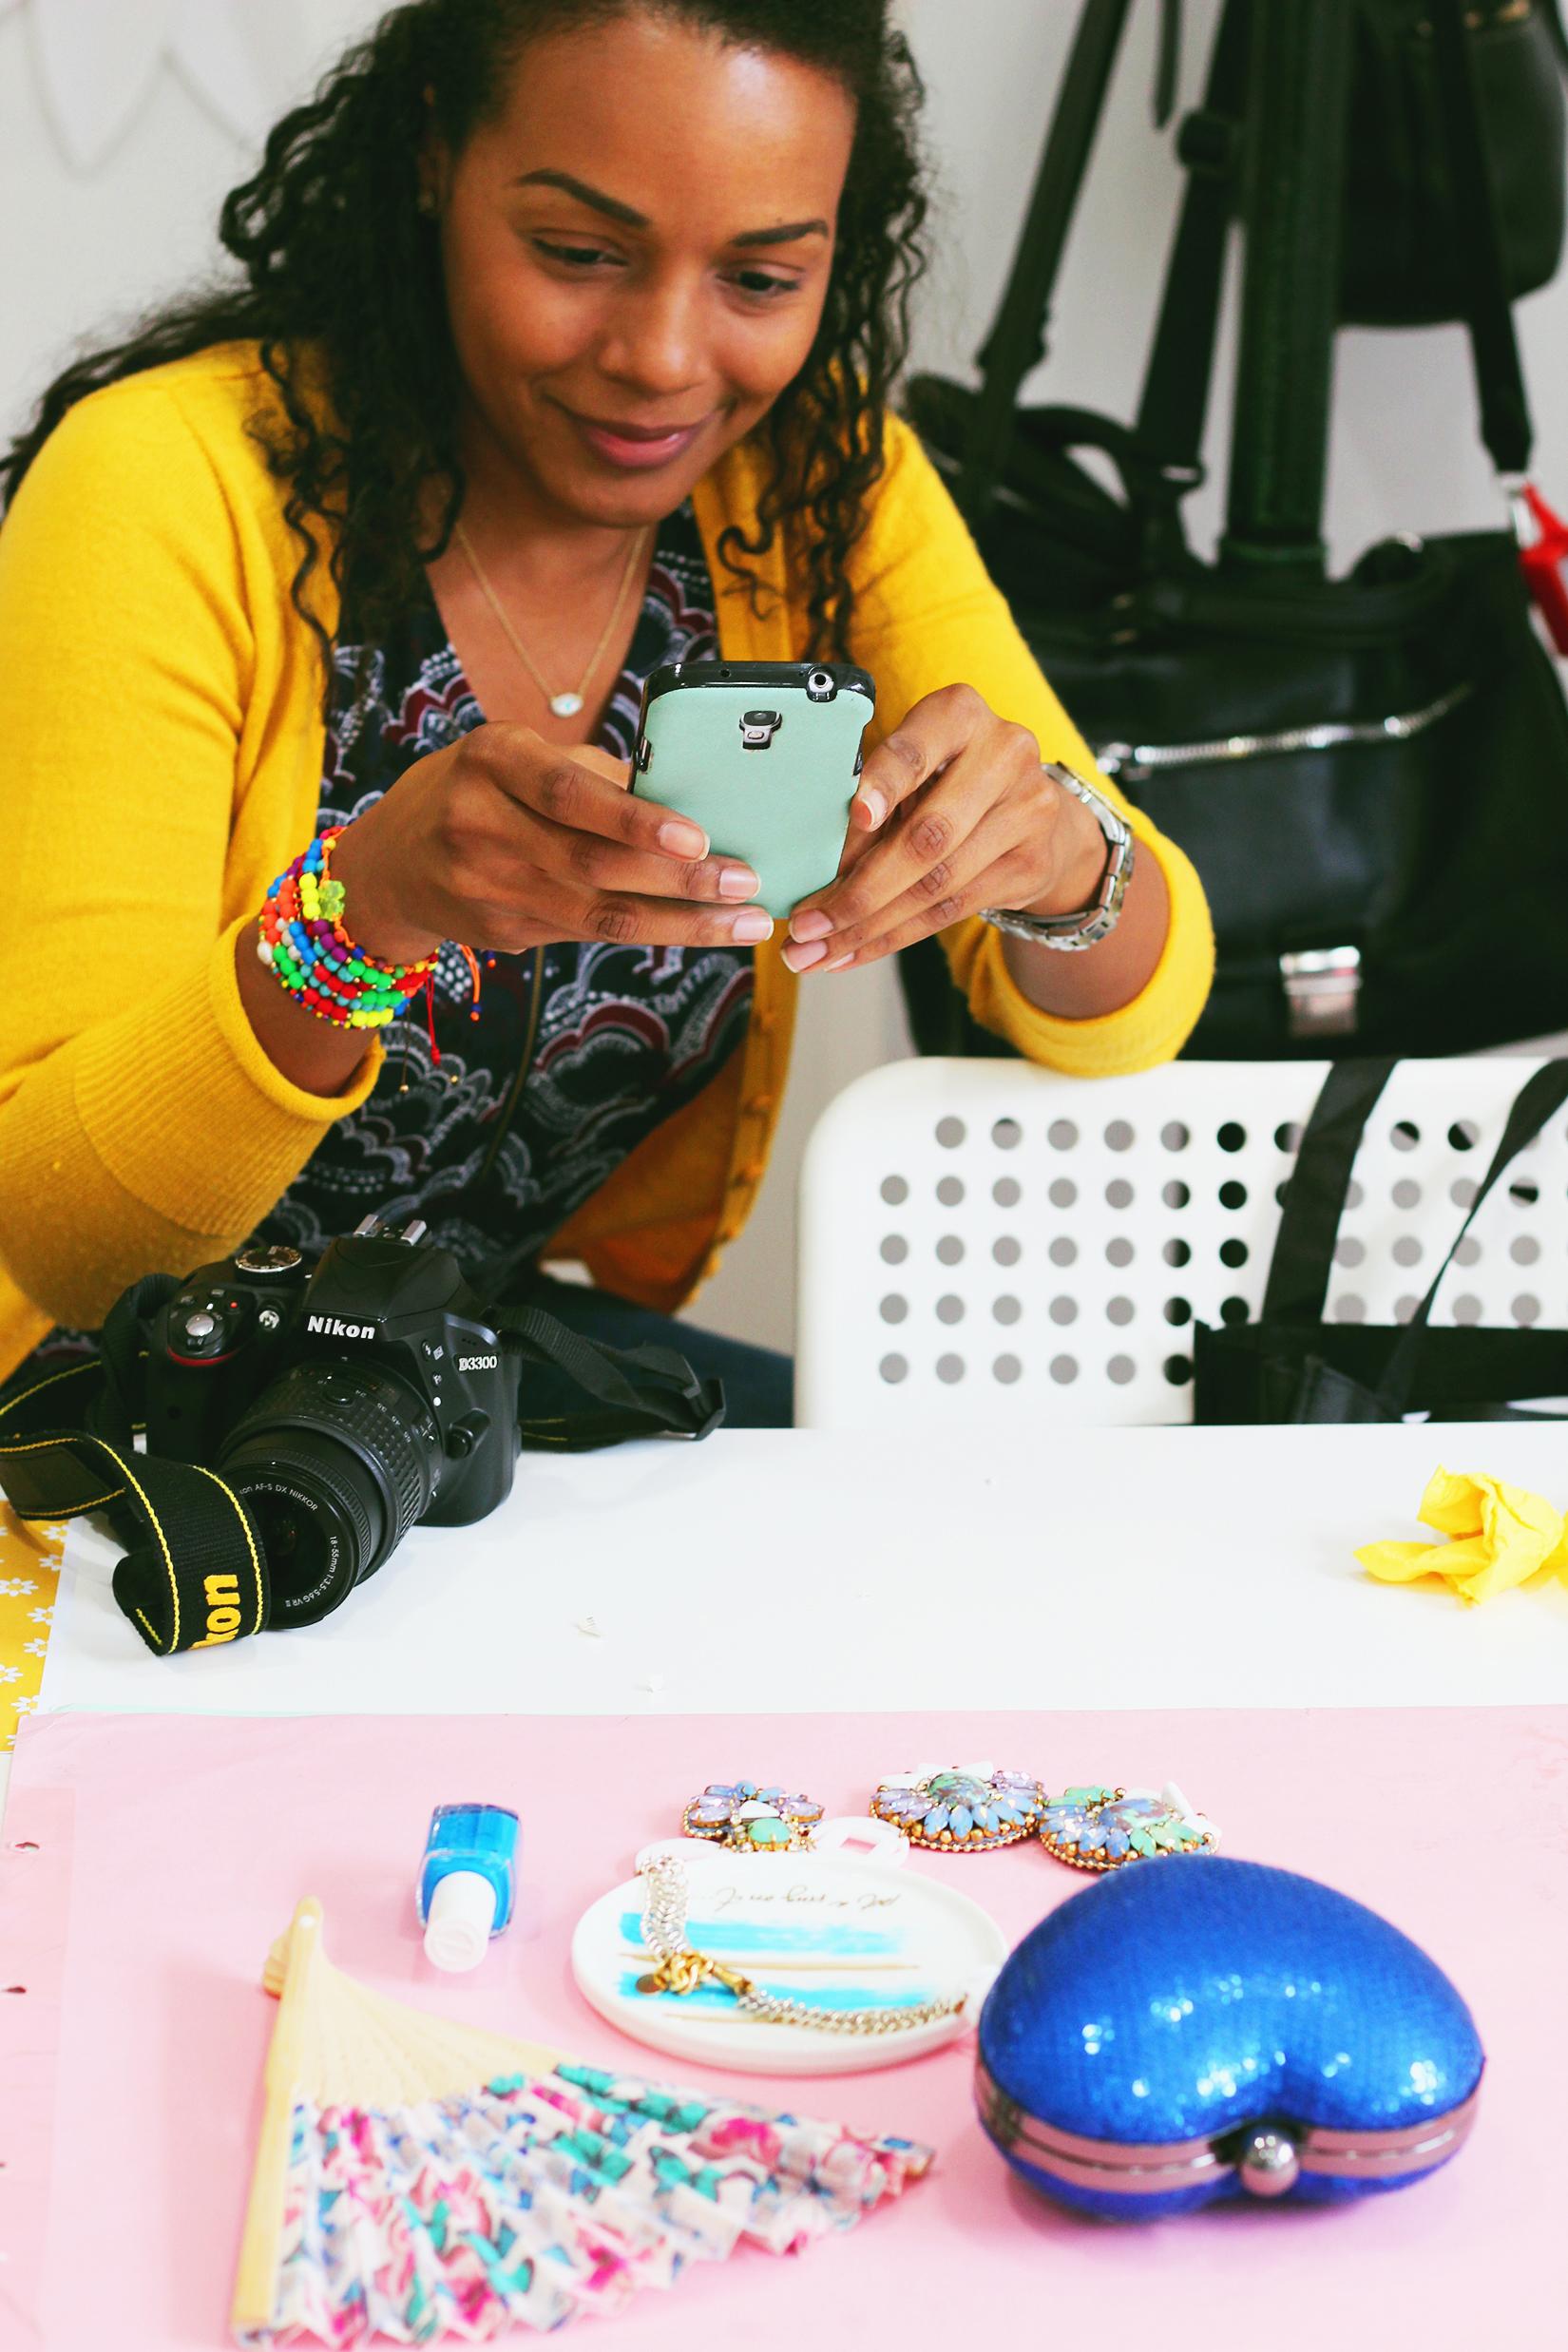 THE KEY TO SOCIAL PHOTOS 11VA EDICIÓN // Fotos y recap de la 11va edición de The Key To Social Photos, el taller intensivo de fotos para redes ya sea para el uso de marcas o personal.